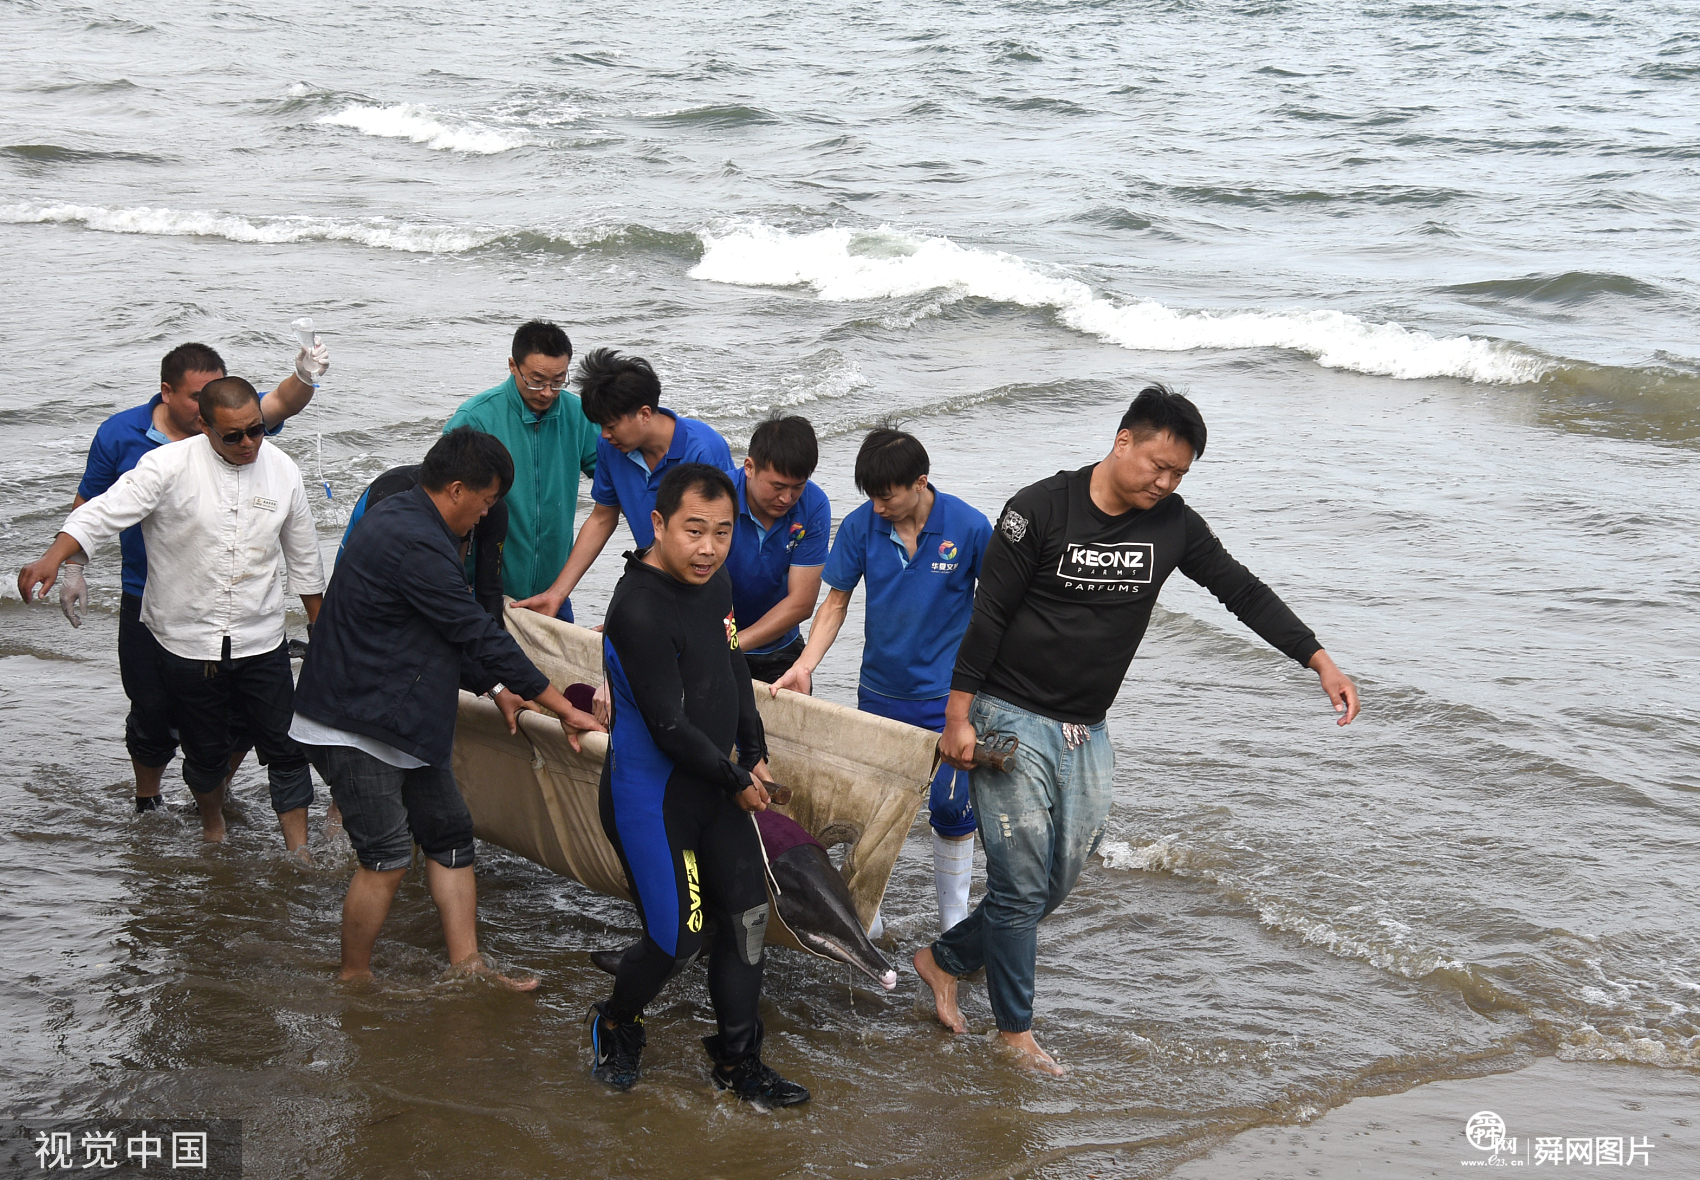 山东威海:石岛湾现受伤海豚 市民急救